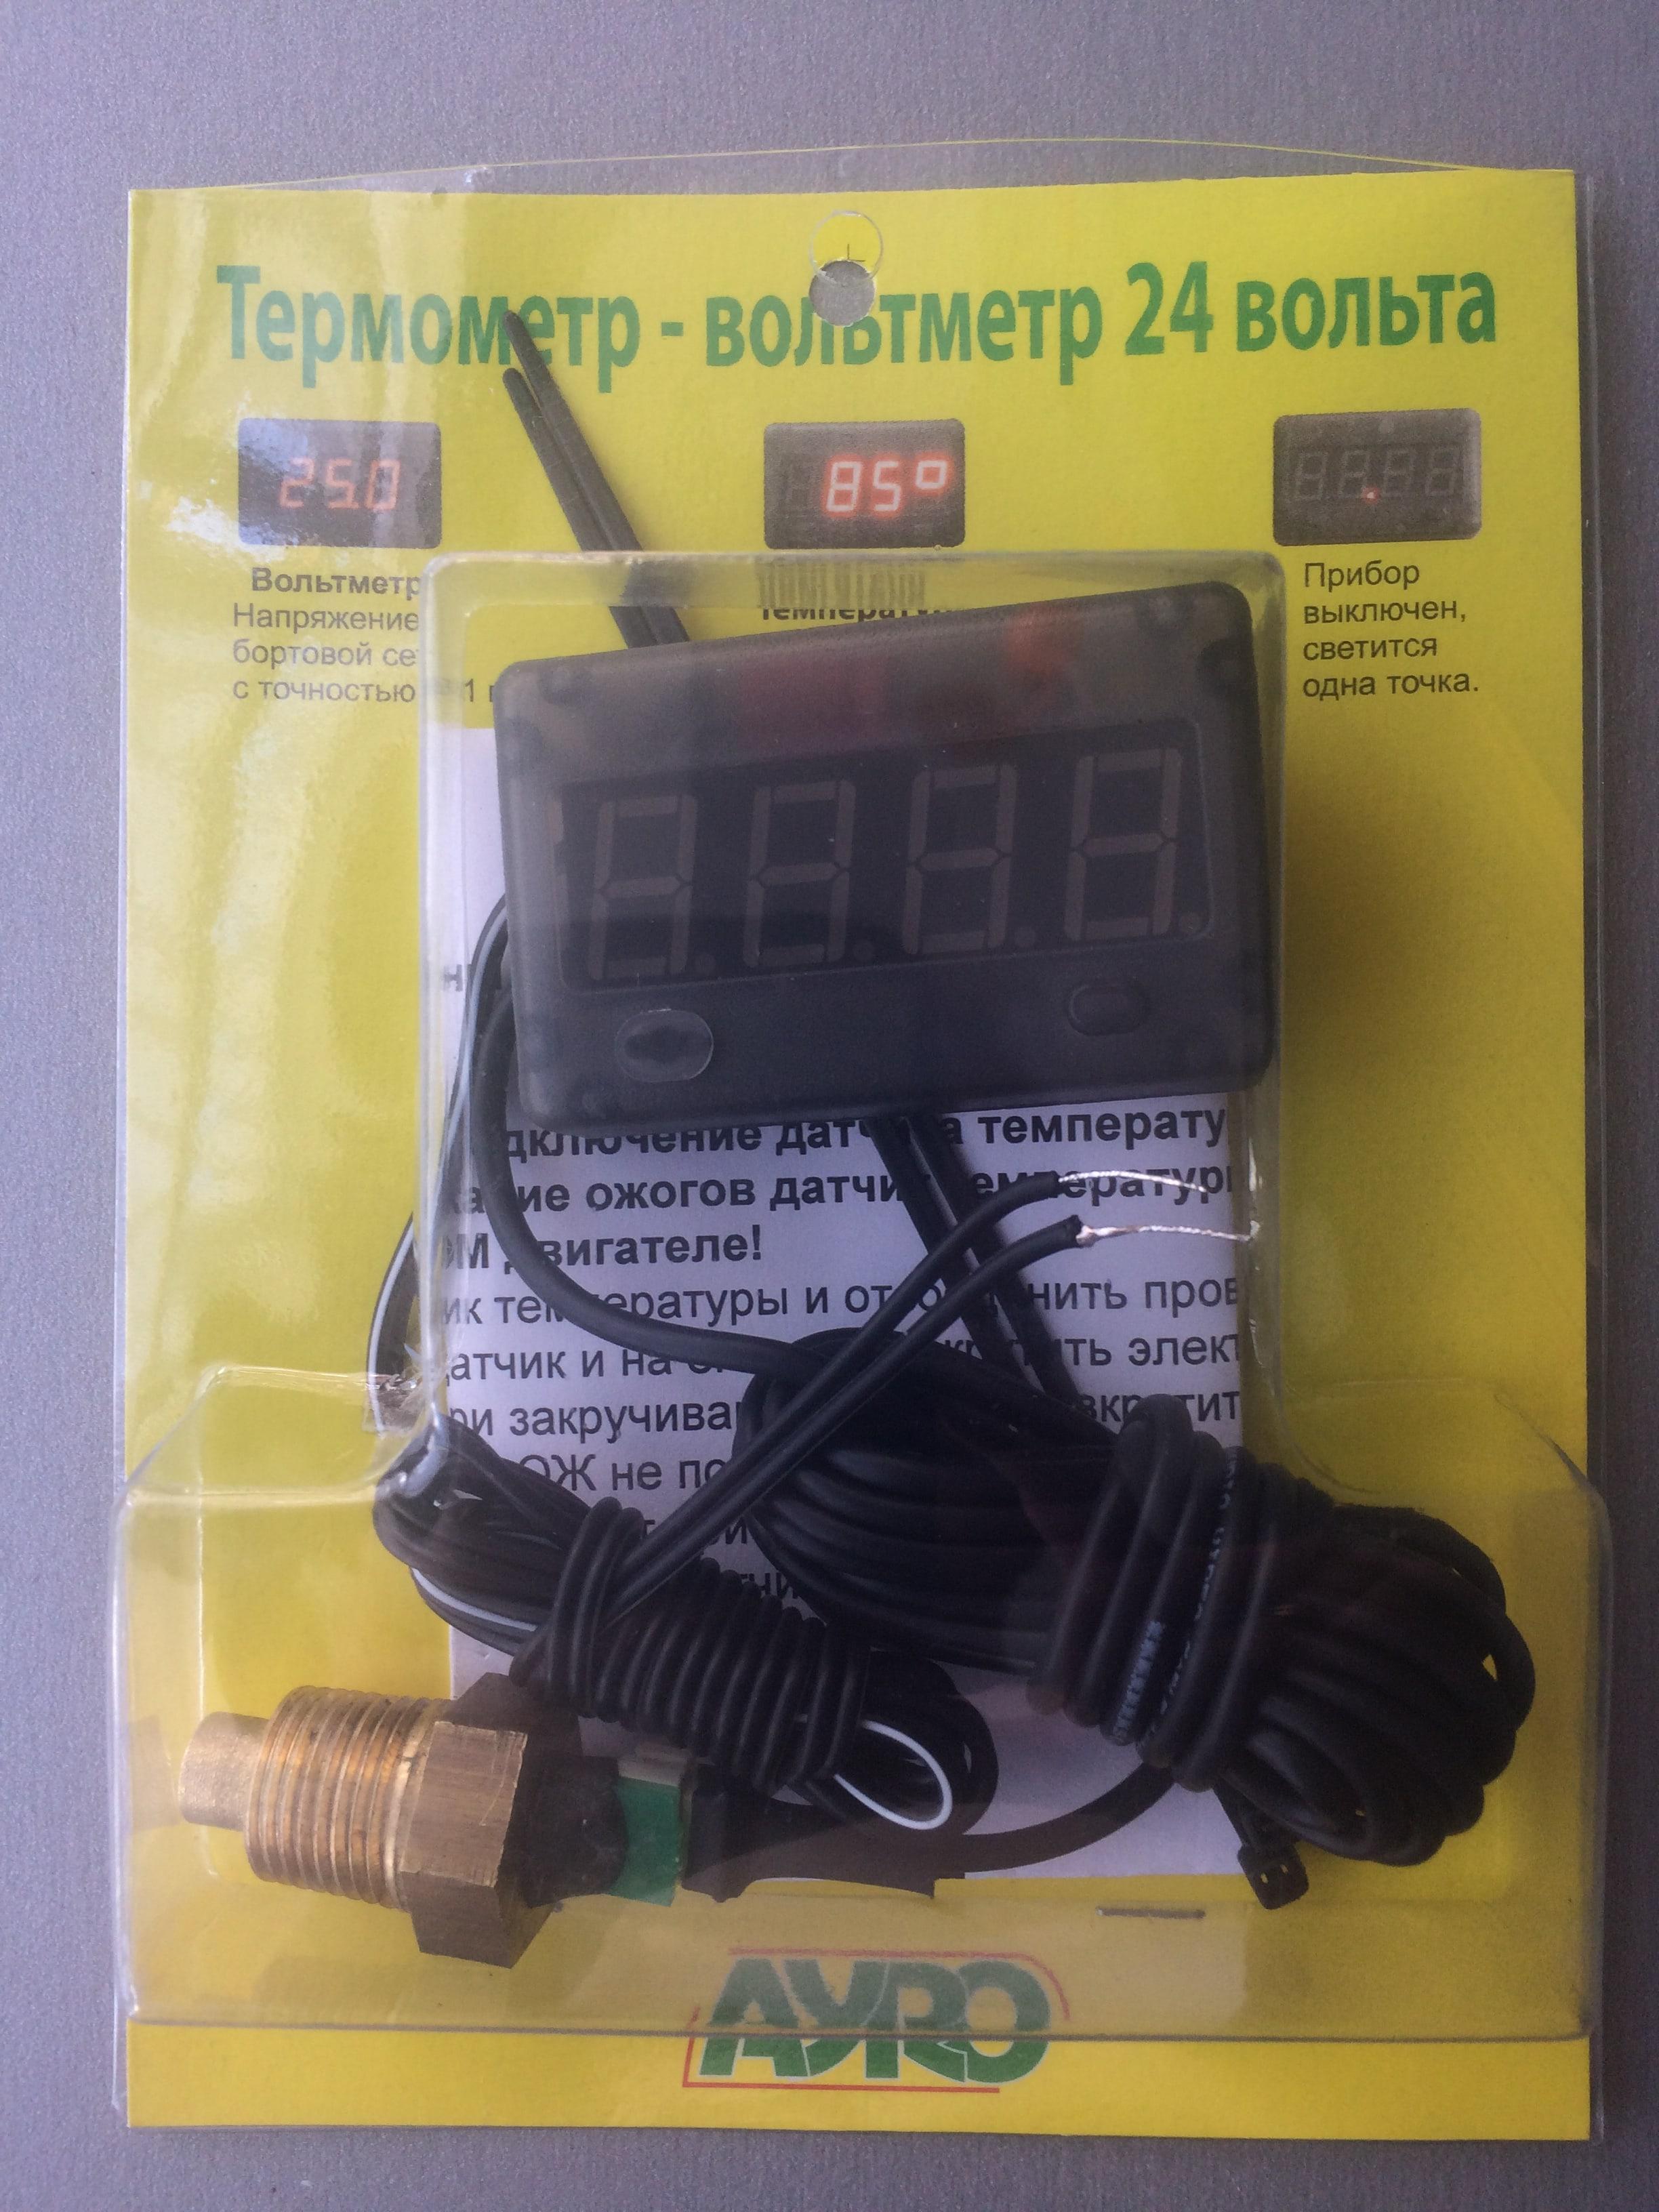 Купить цифровой датчик температуры двигателя вольтметр 24В (датчик температуры охлаждающей жидкости 24 вольта)